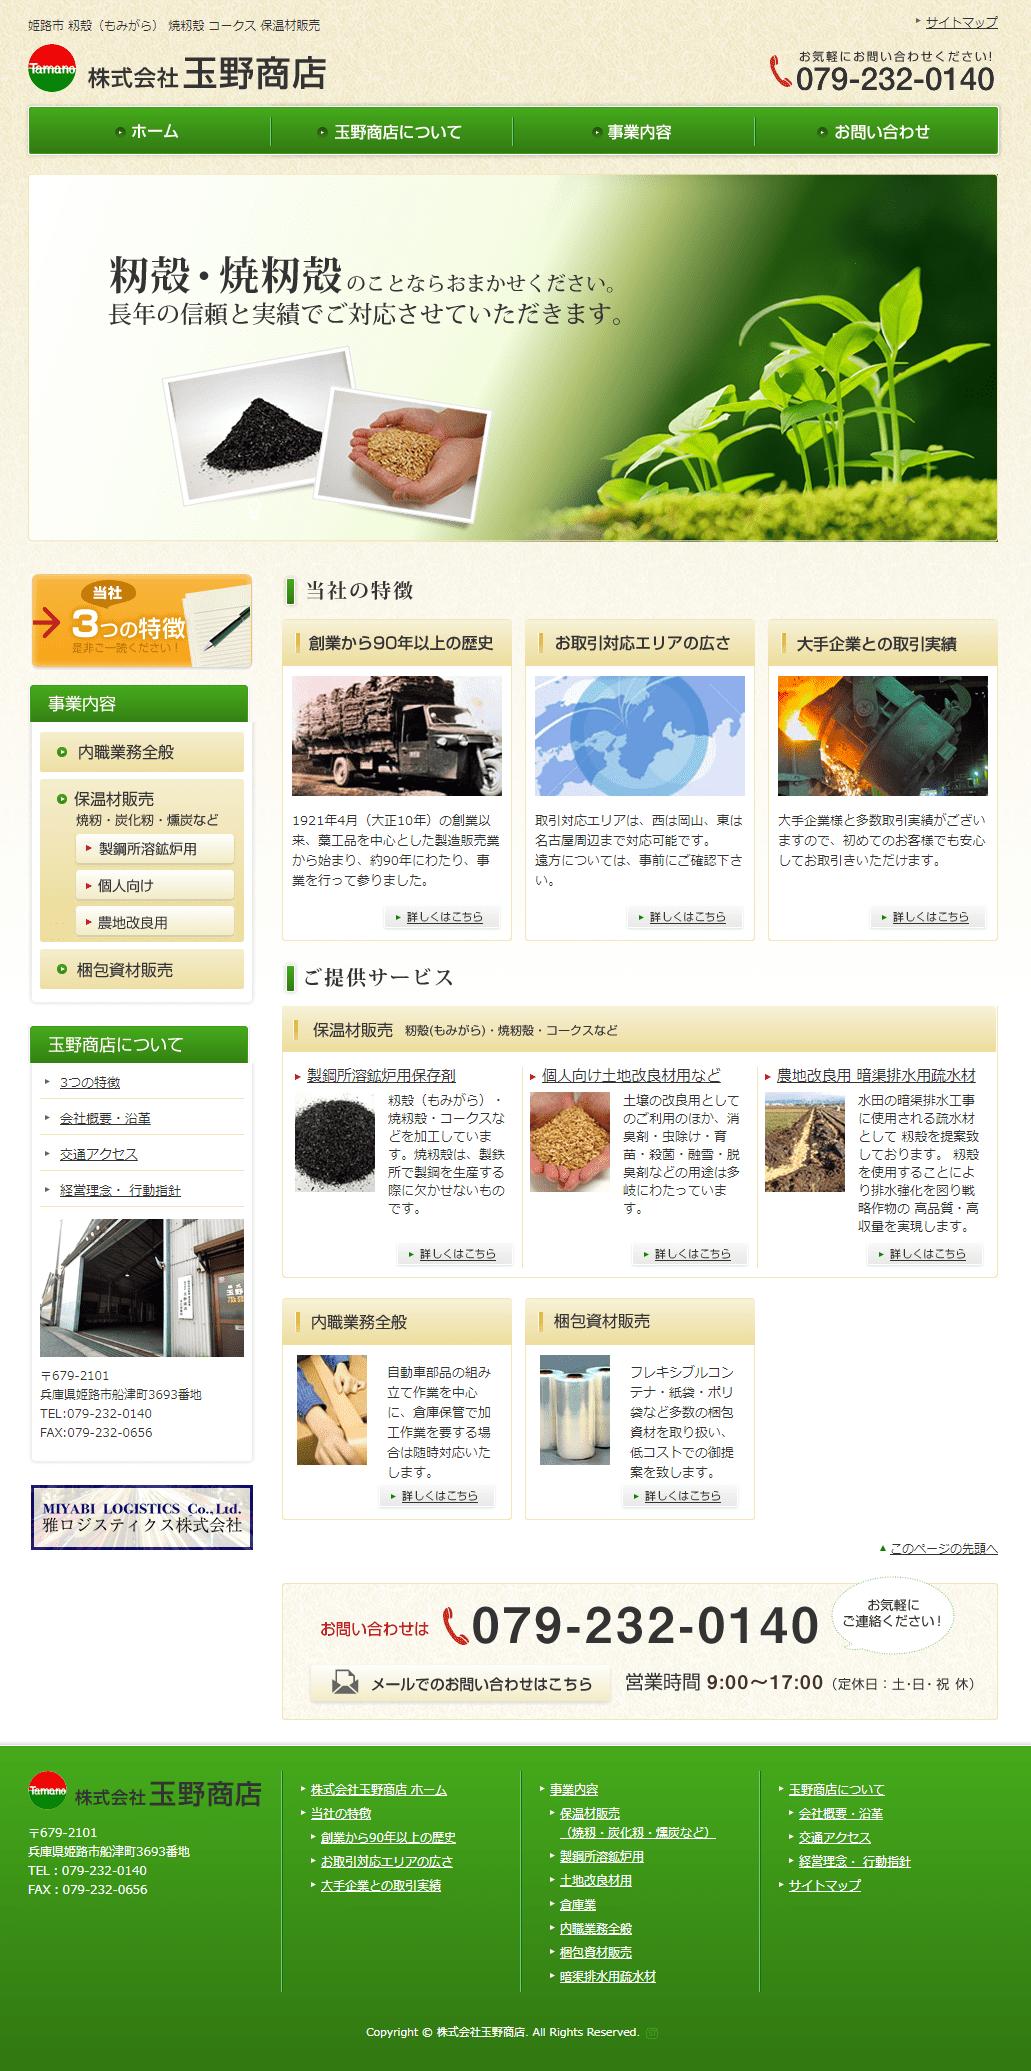 玉野商店様 会社ホームページ1